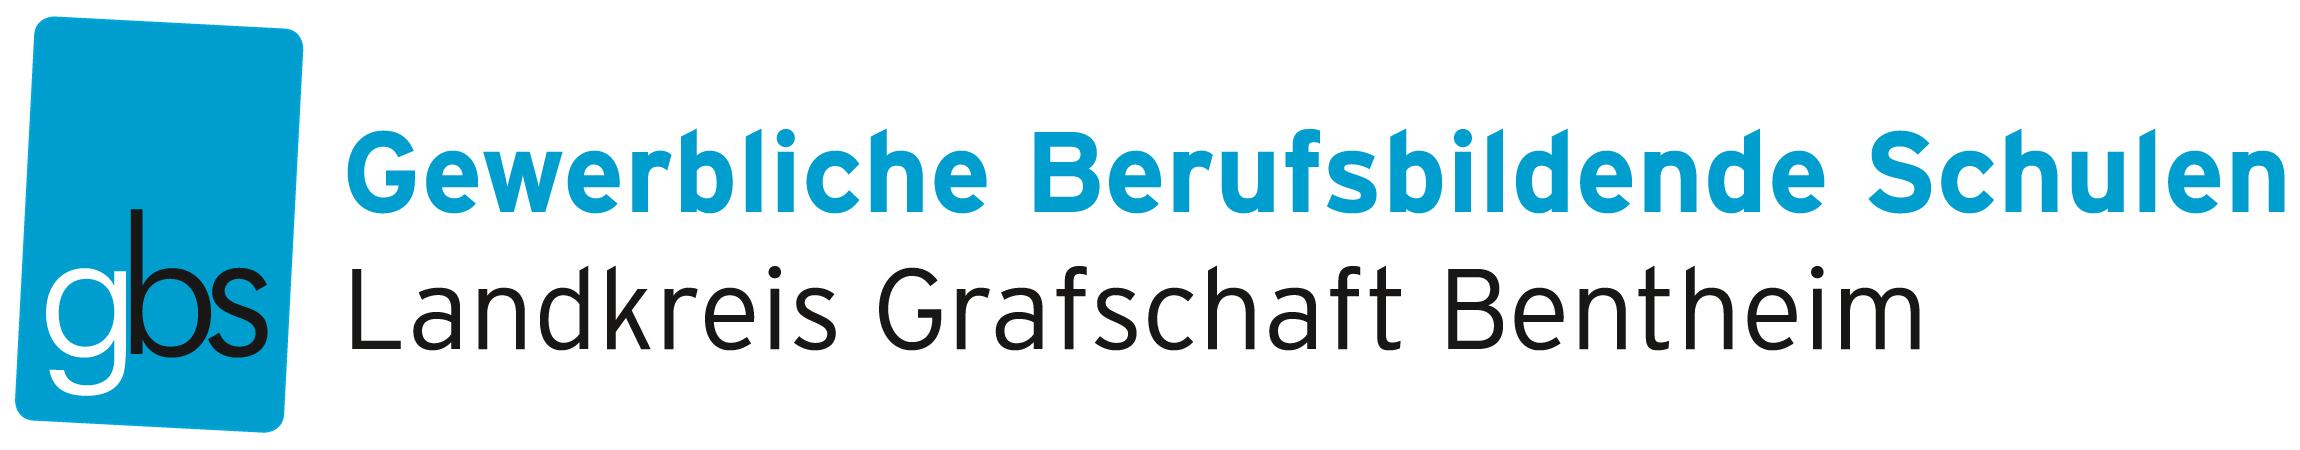 GBS Nordhorn - Technik